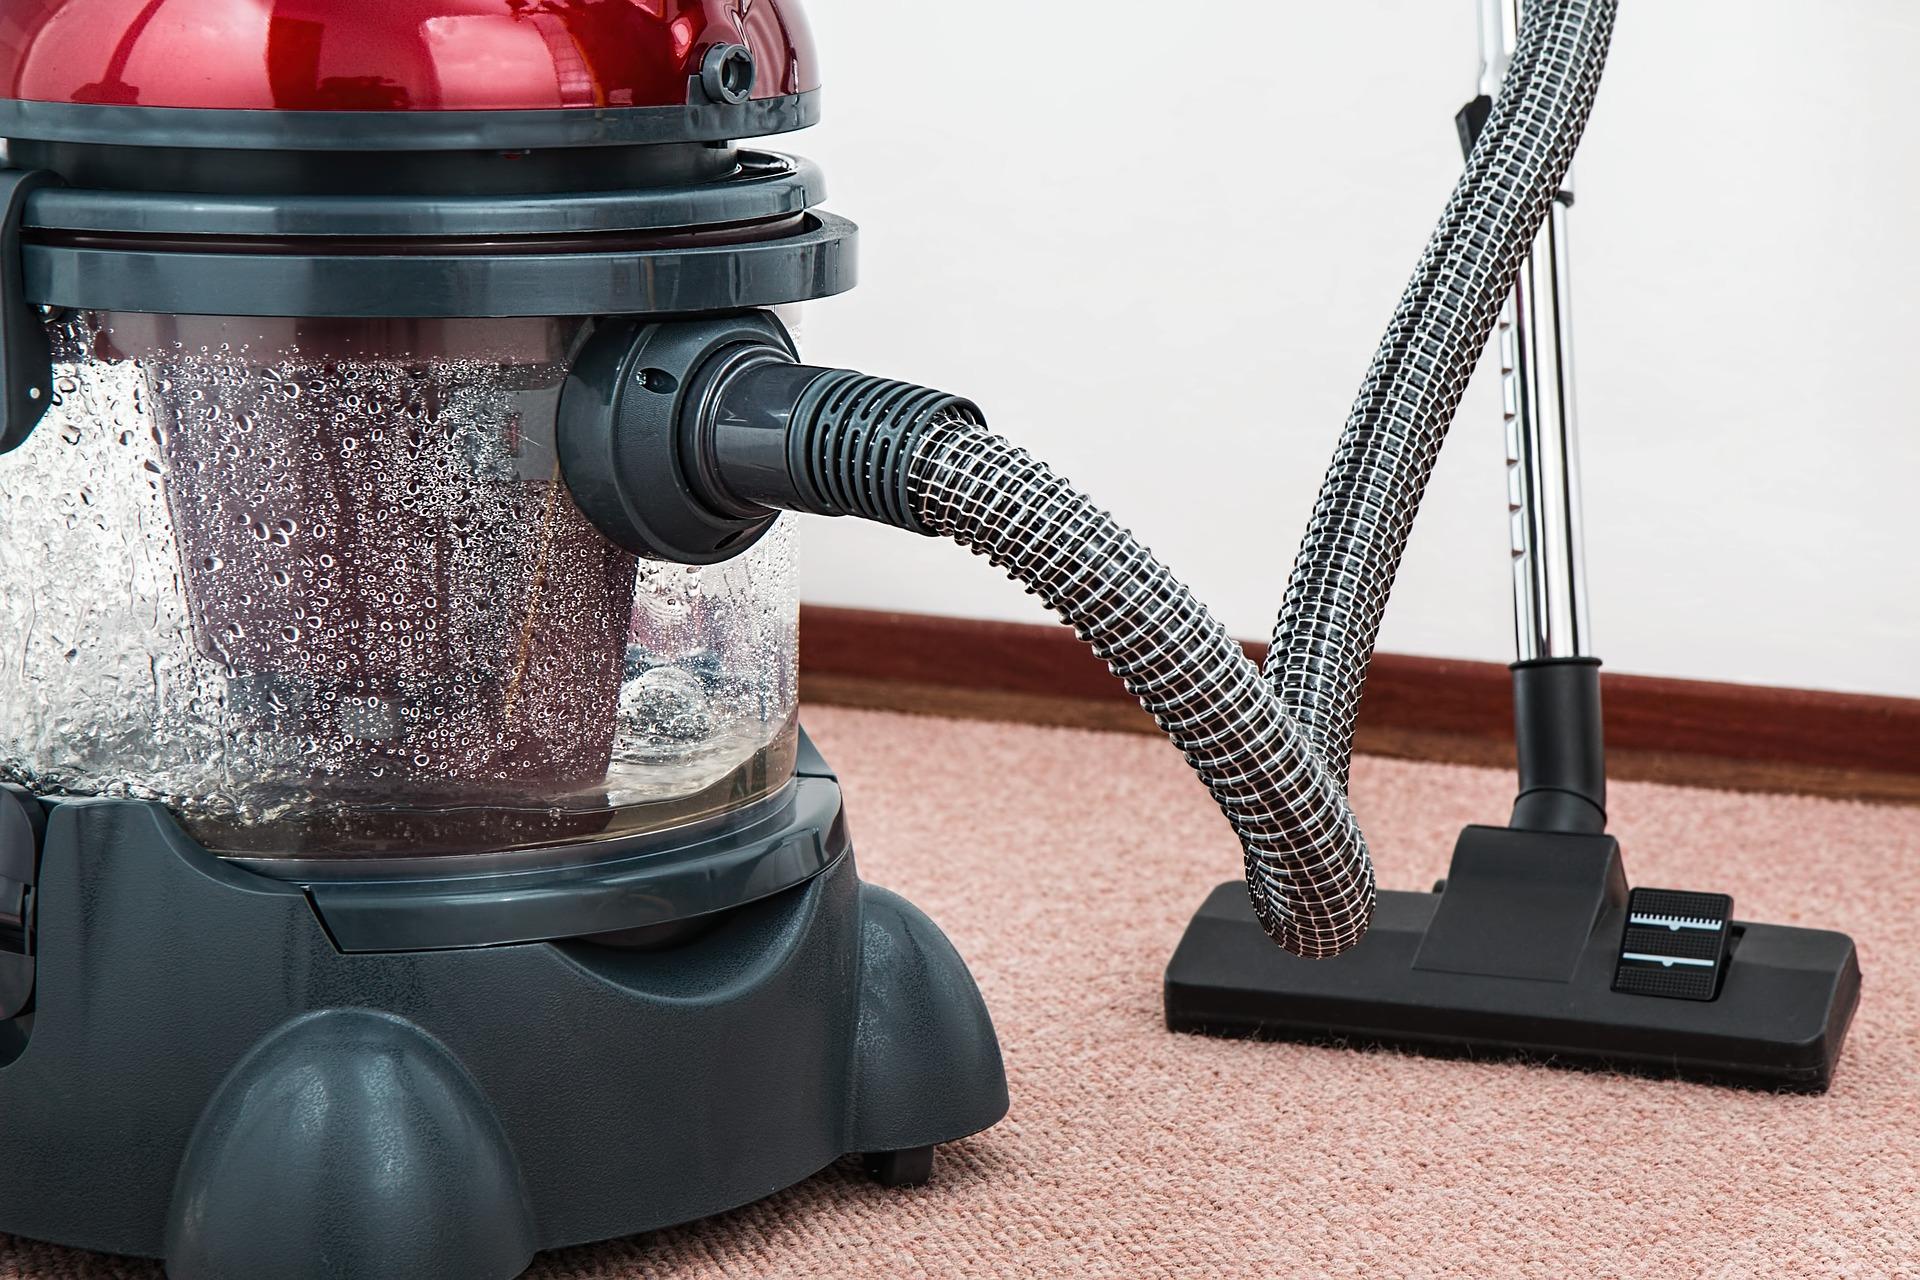 vacuum-cleaner-g0983d76b0_1920